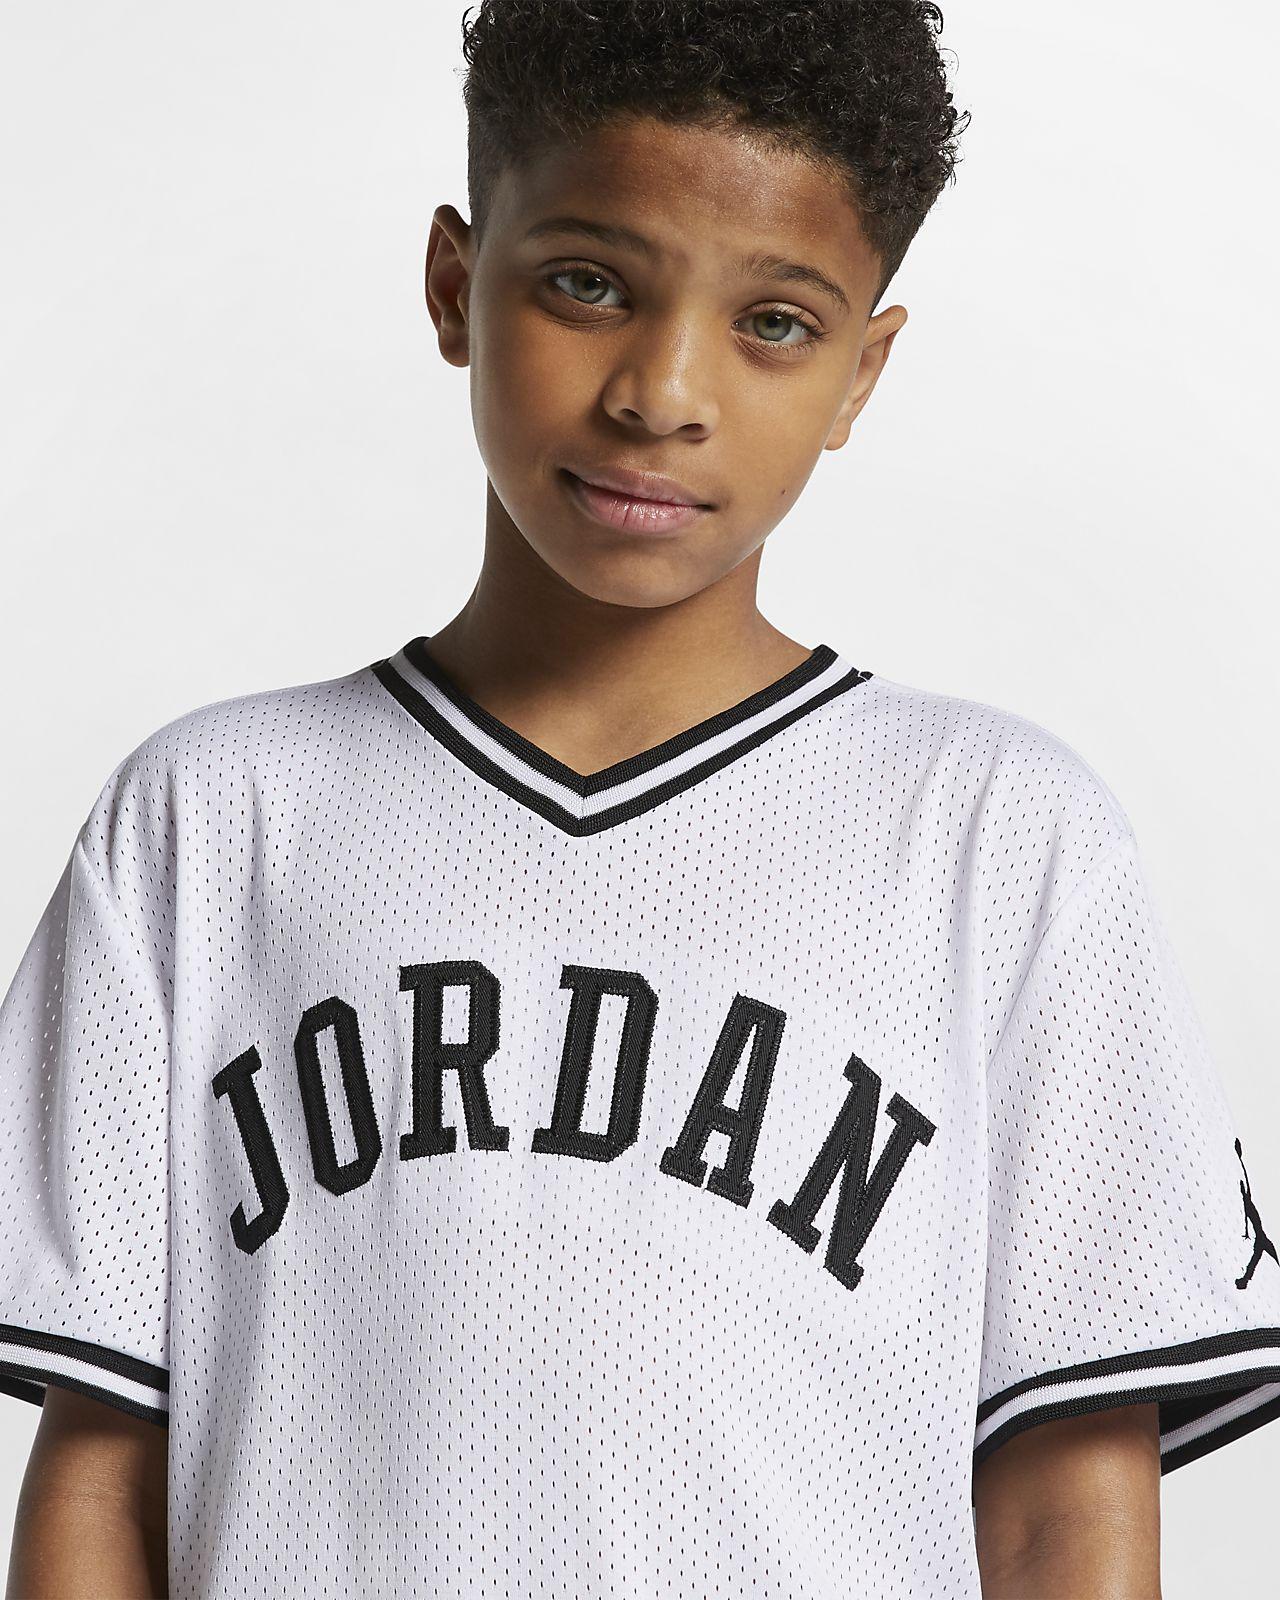 060e2a7fc0a Jordan Jumpman Air Older Kids' (Boys') Jersey. Nike.com PT